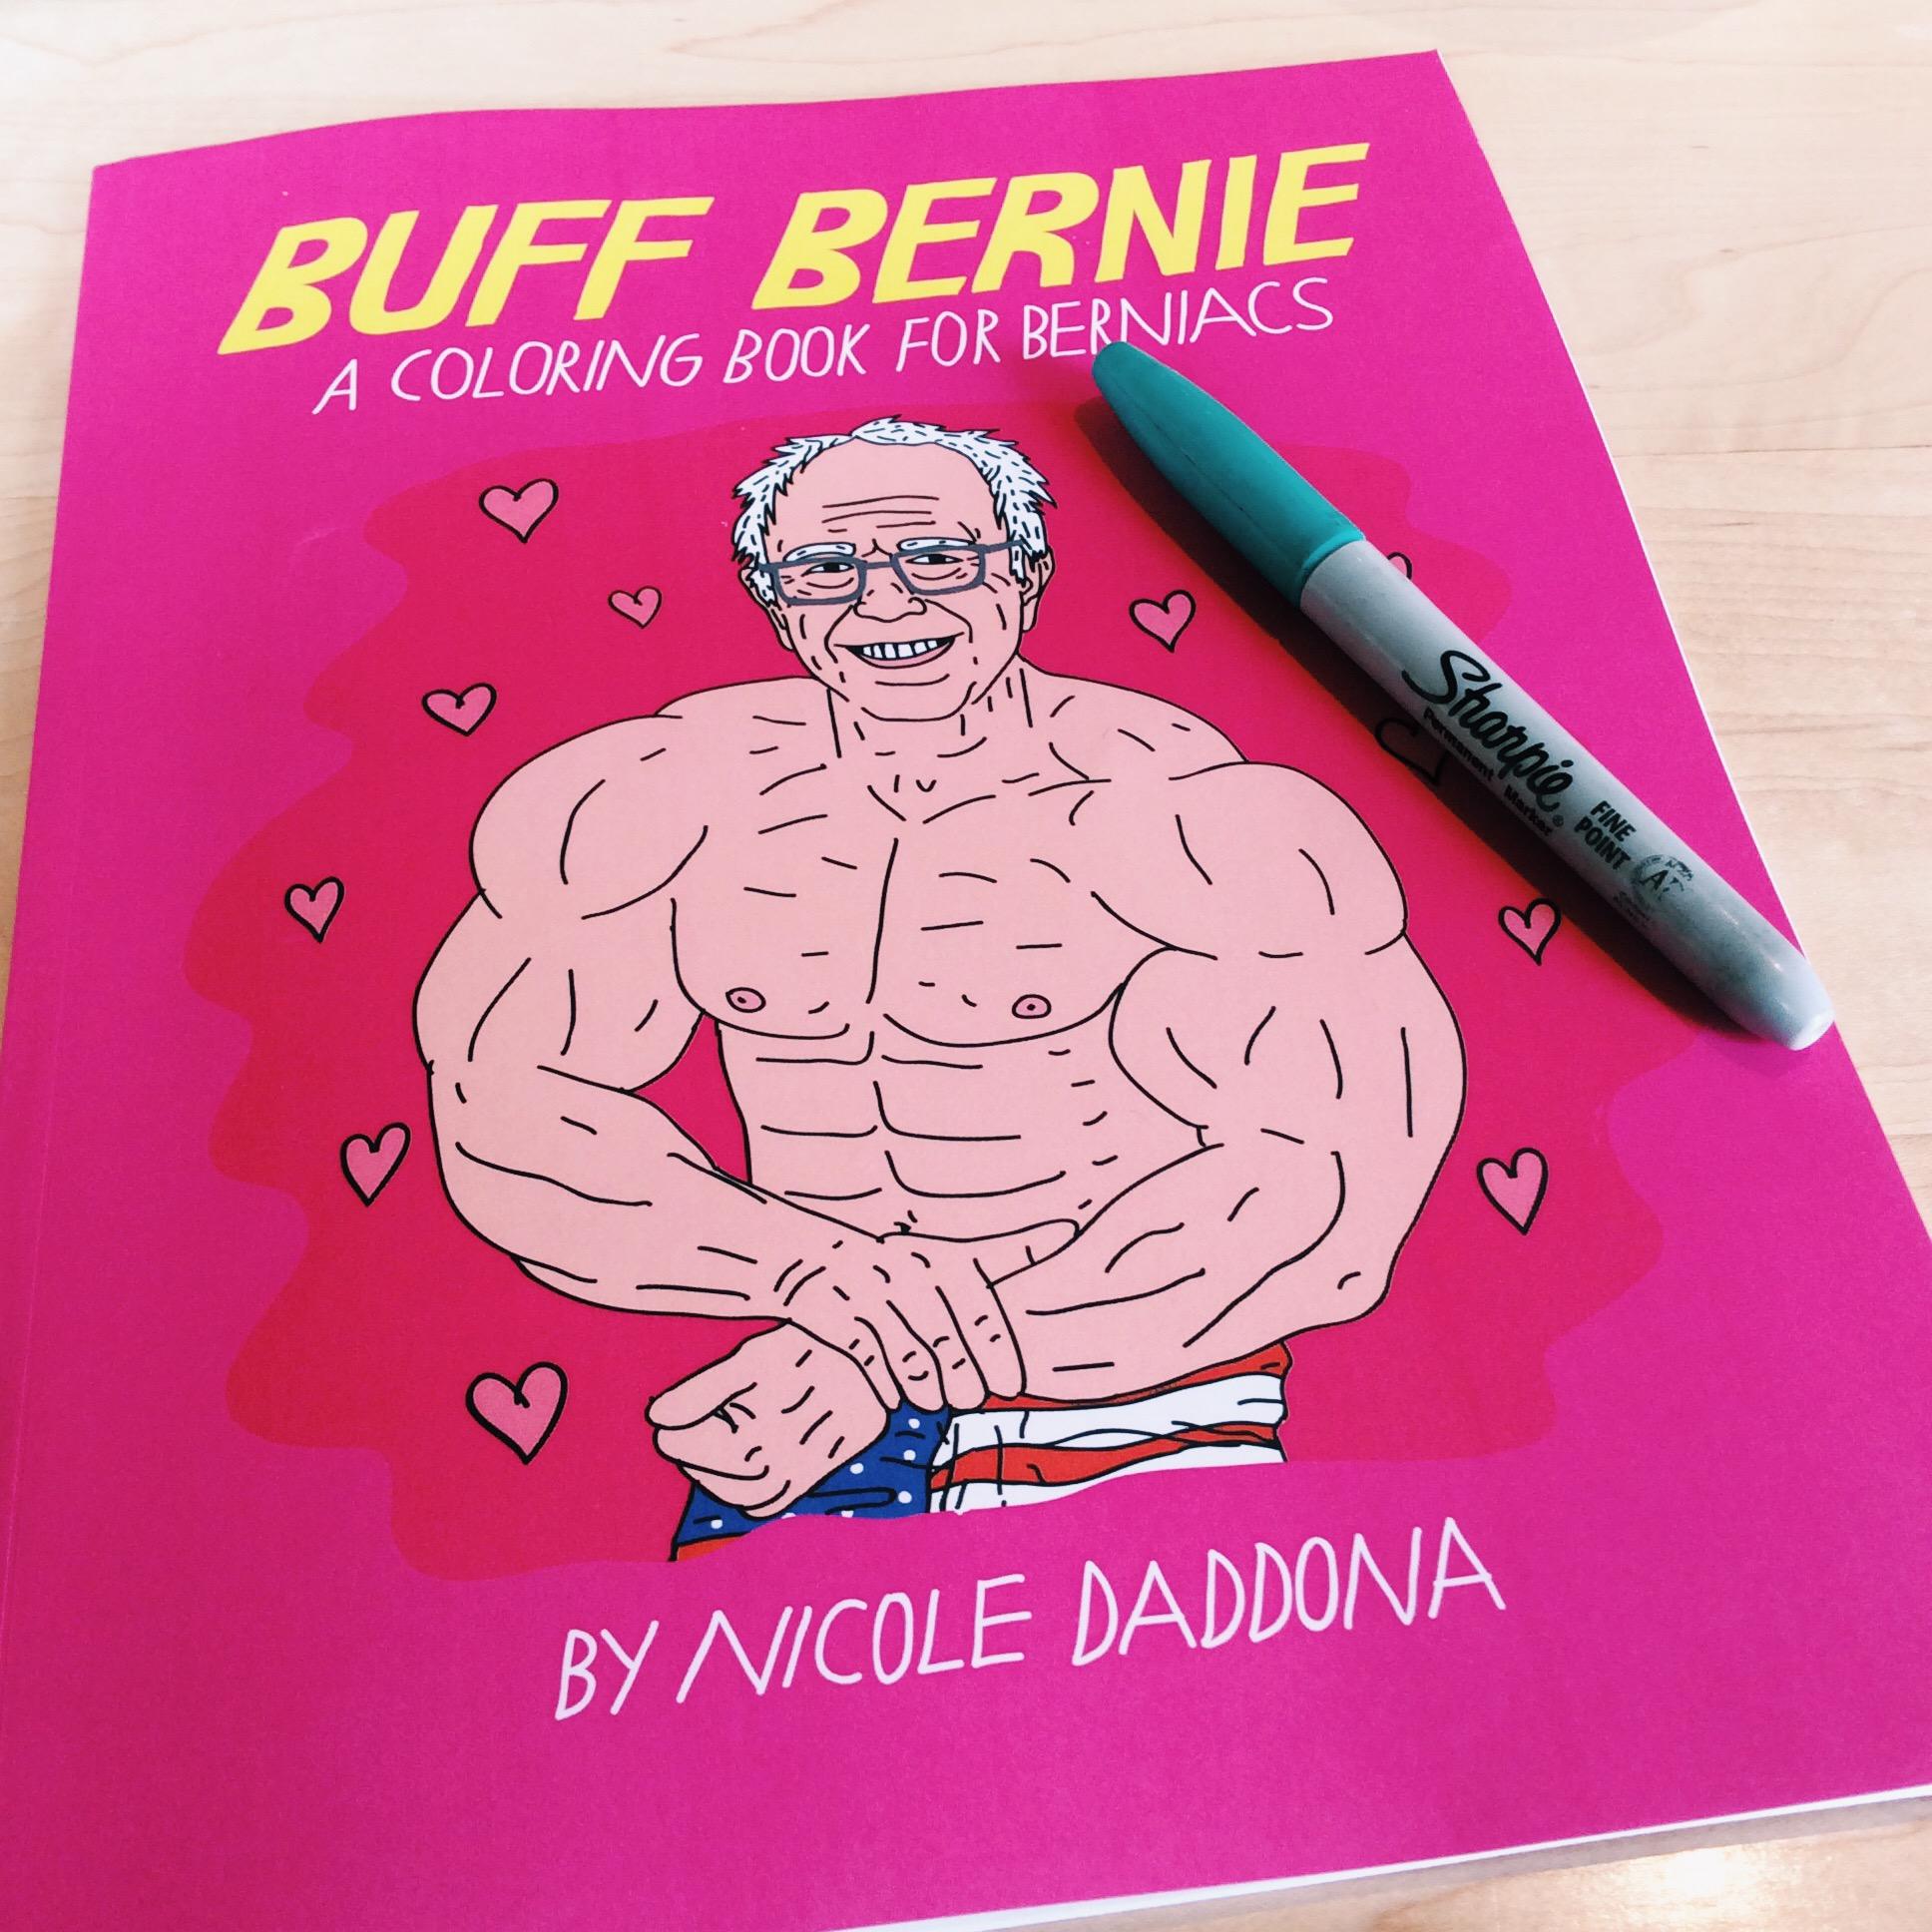 Buff-Bernie-5